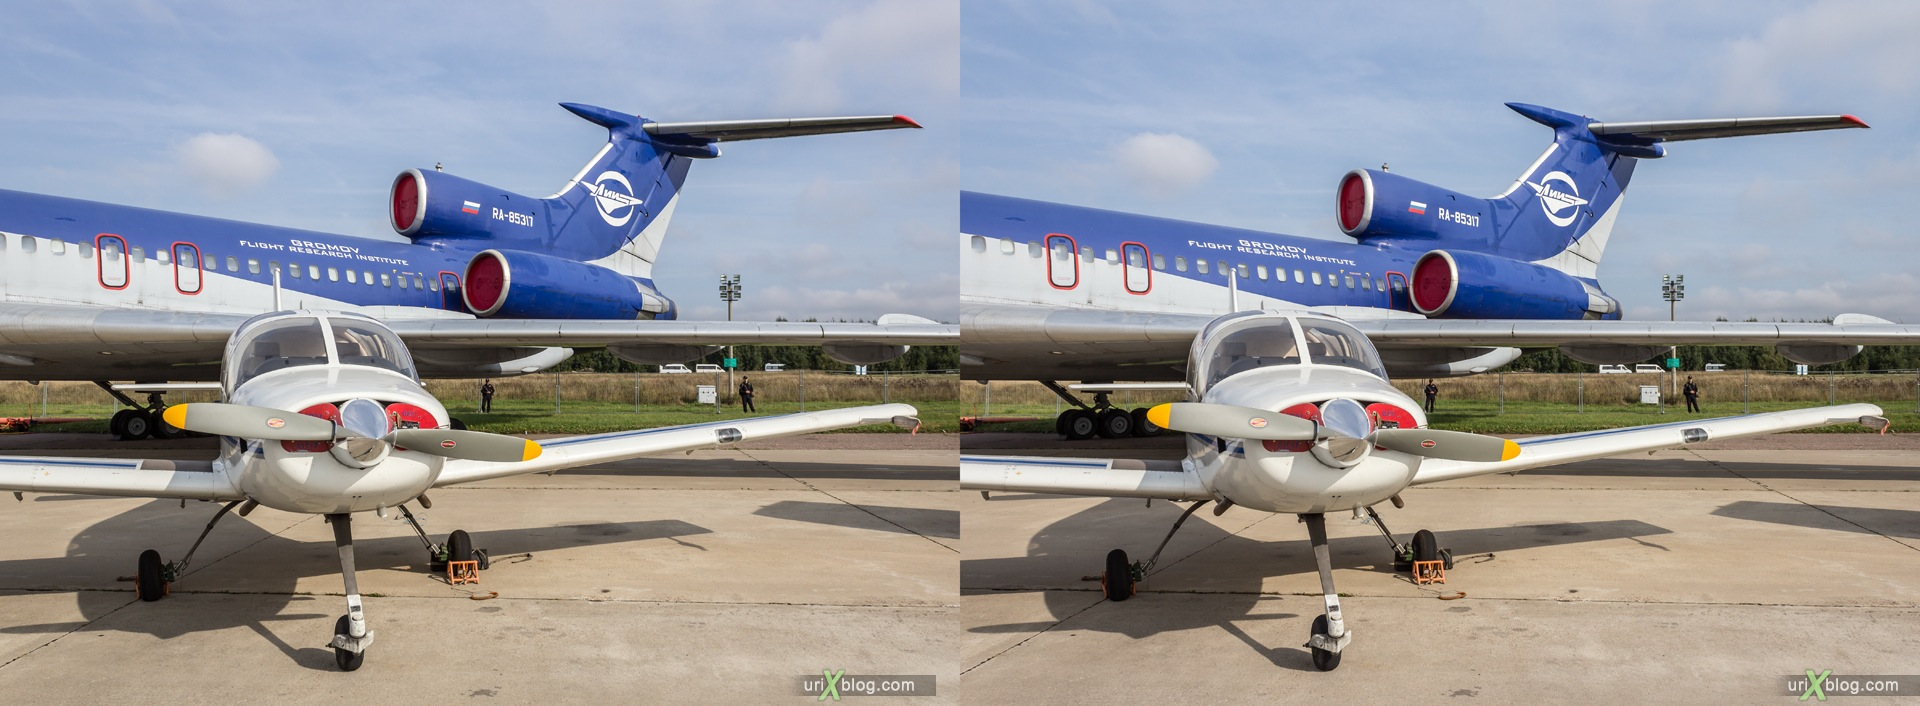 2013, Ил-103, Россия, Раменское, Жуковский, аэродром, самолёт, экспозиция, МАКС, Международный Авиационно-космический Салон, 3D, перекрёстная стереопара, стерео, стереопара